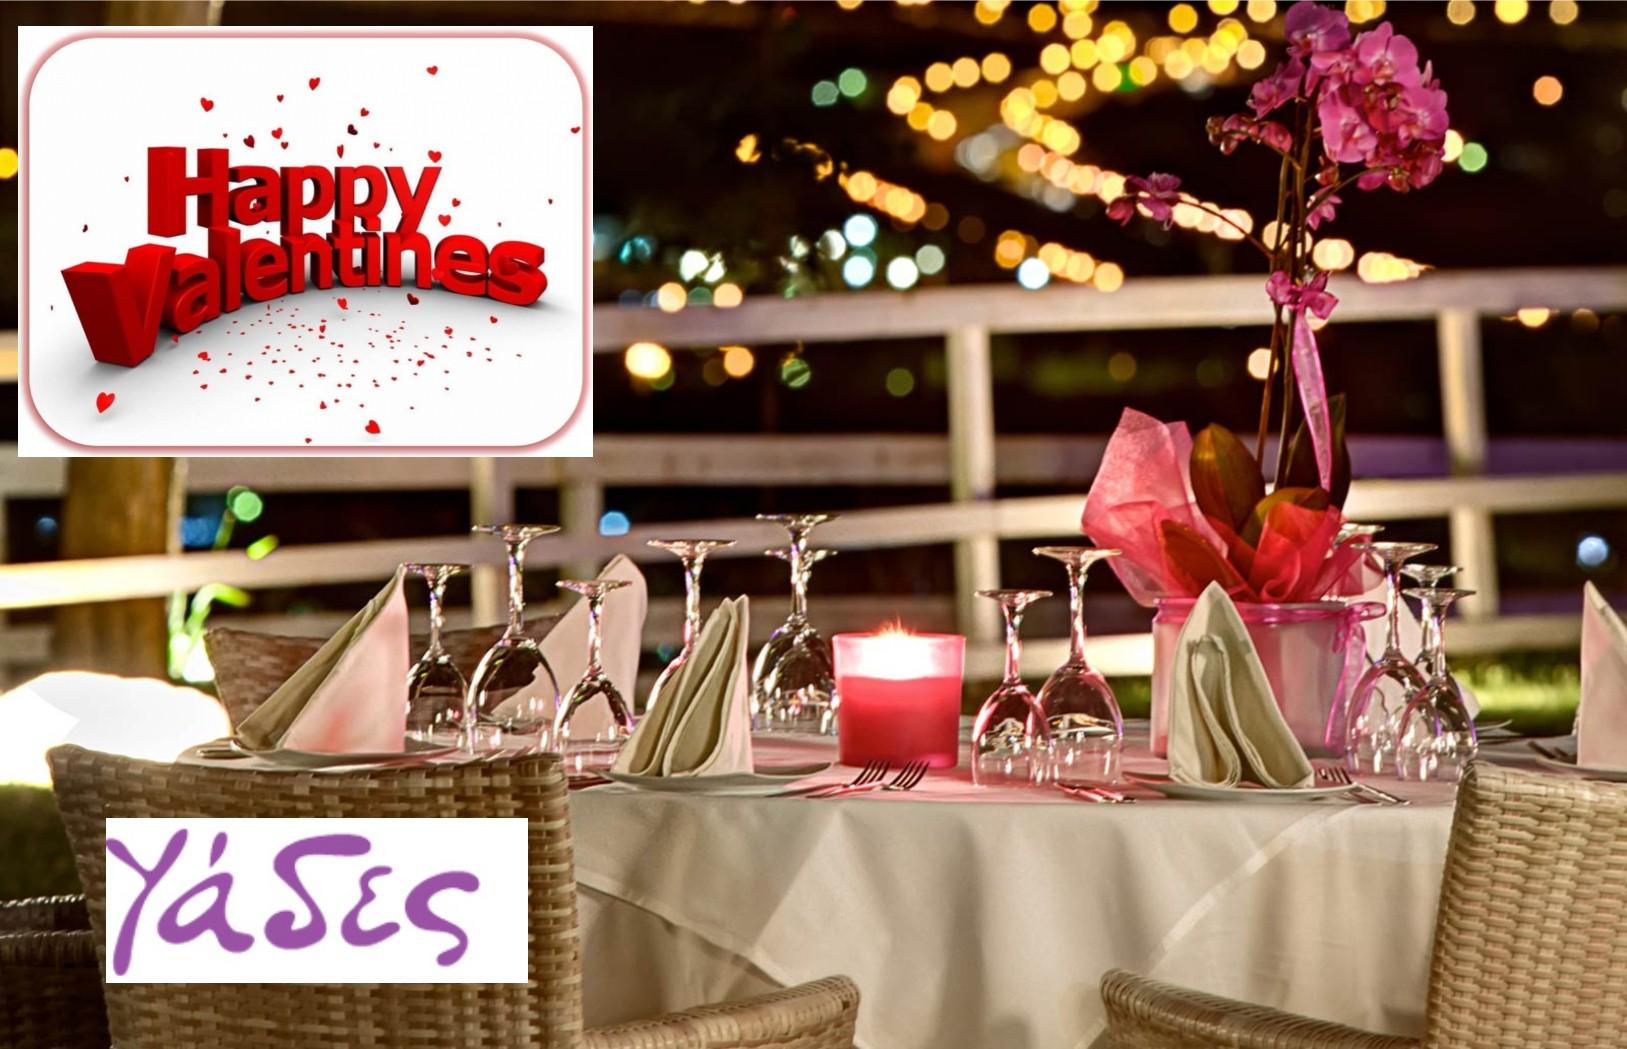 Προσφορά HappyDeals  - Αγίου Βαλεντίνου στο ''Yades'' στο Αττικό Άλσος: 34,9€ από 52€ για εκλεπτυσμένο menu 2 ατόμων, με θέα την Αθήνα, στο περίφημο restau